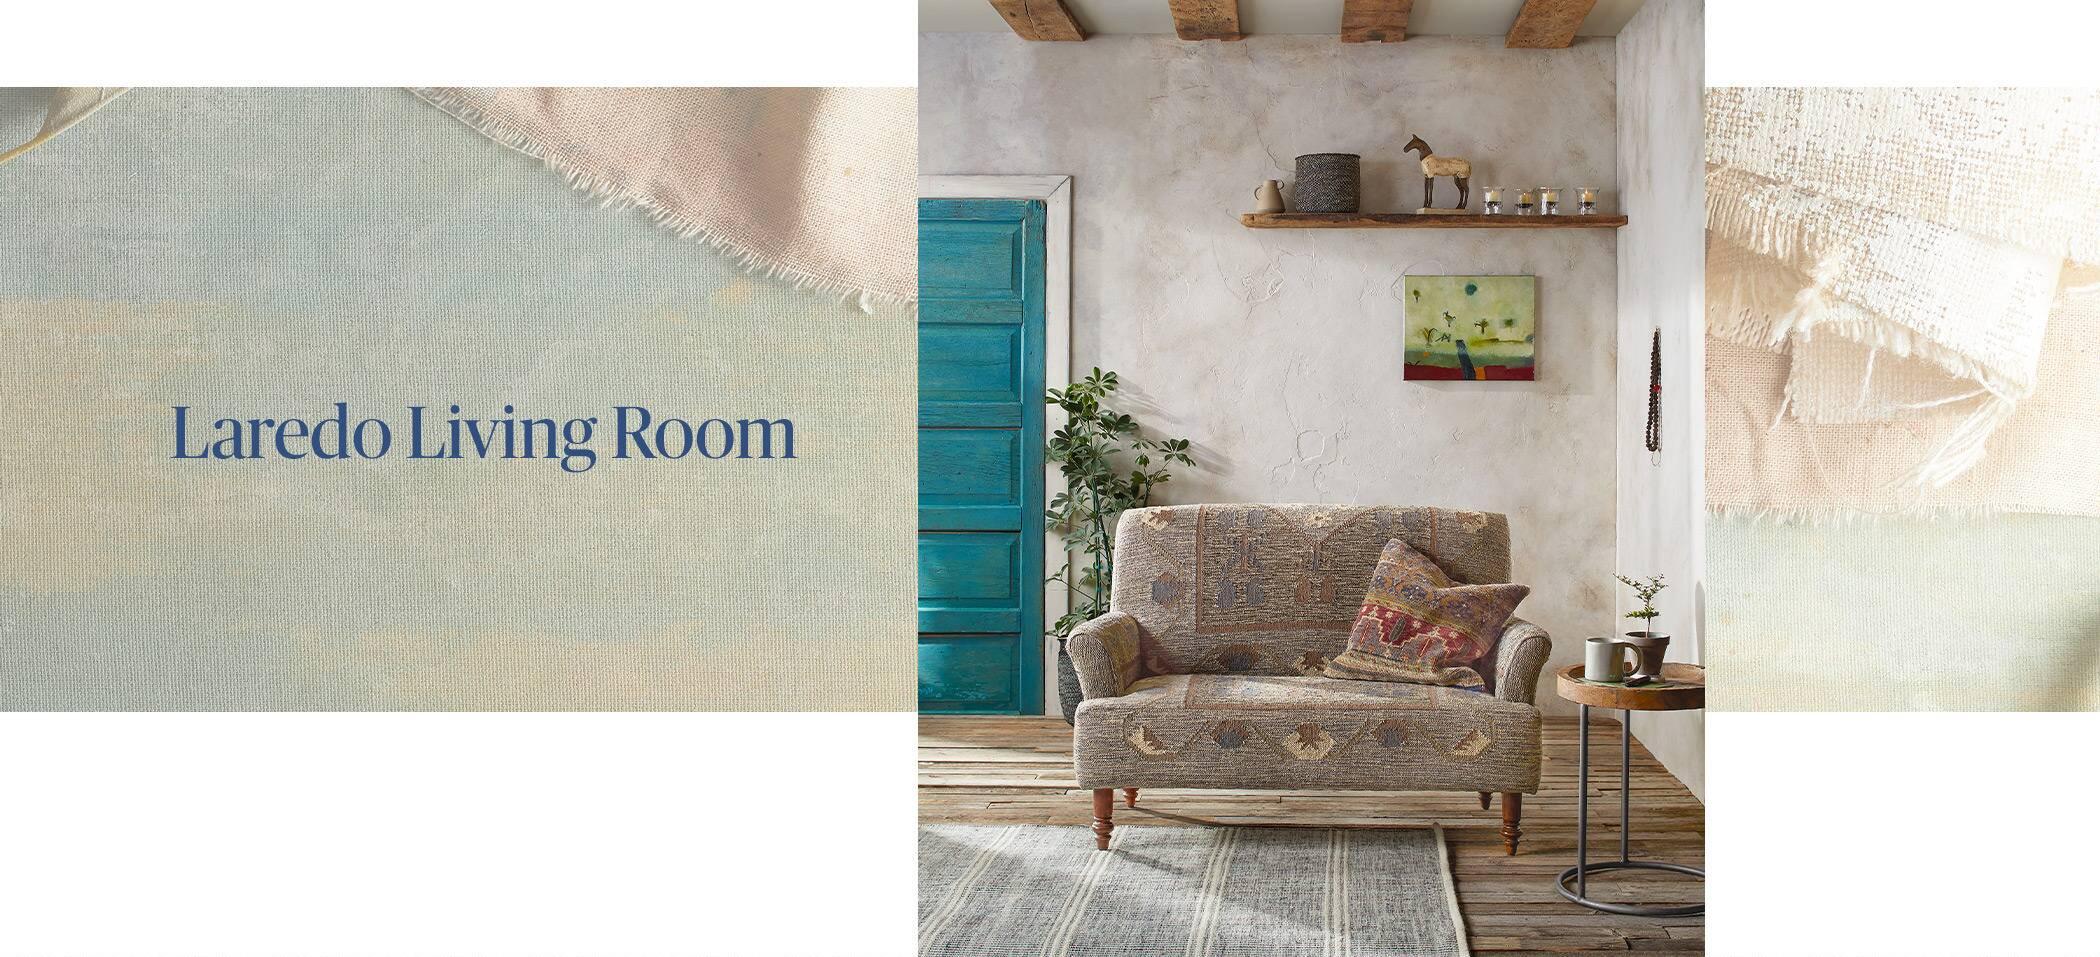 Laredo Living Room